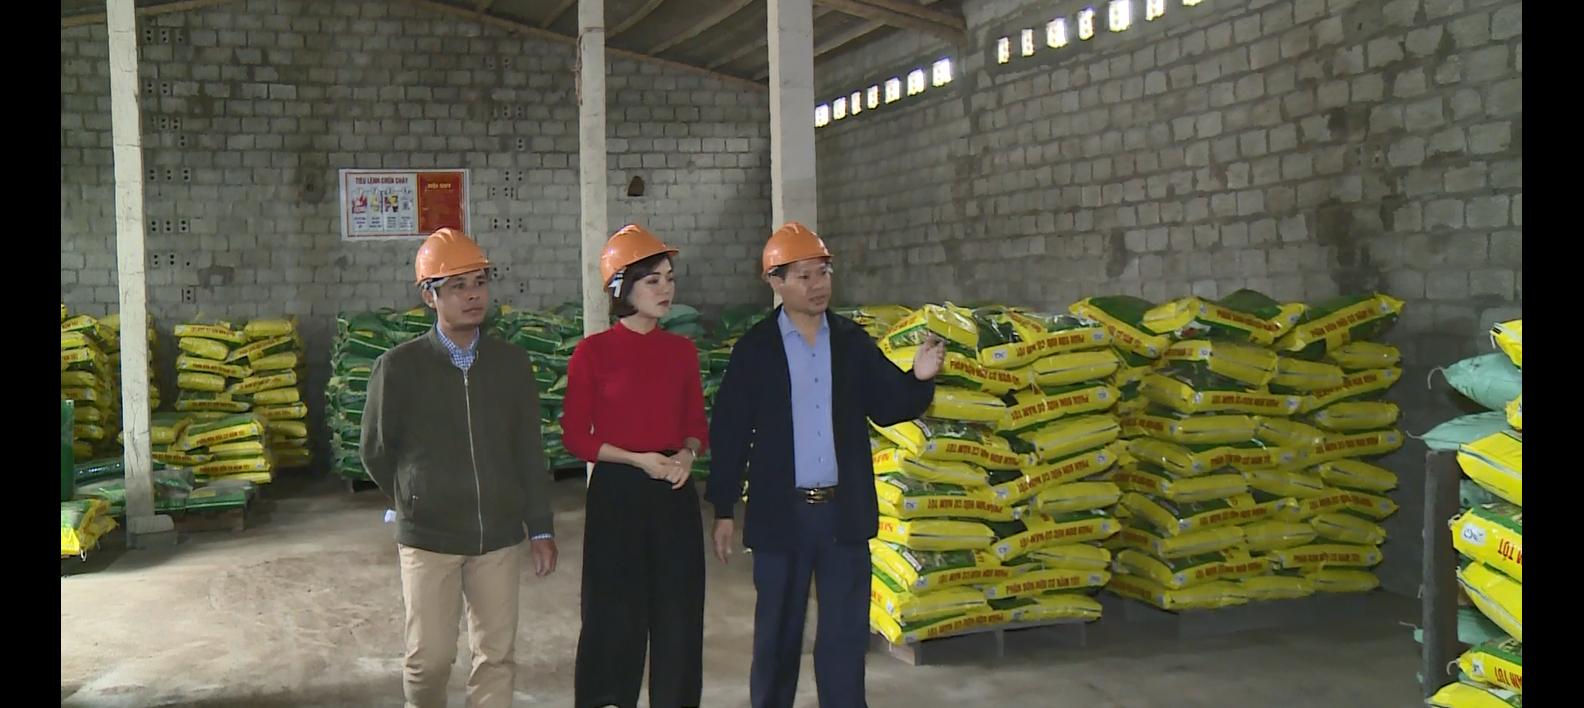 Kỹ sư điện đam mê nông nghiệp, thu tiền tỷ nhờ sản xuất phân bón hữu cơ - Ảnh 3.